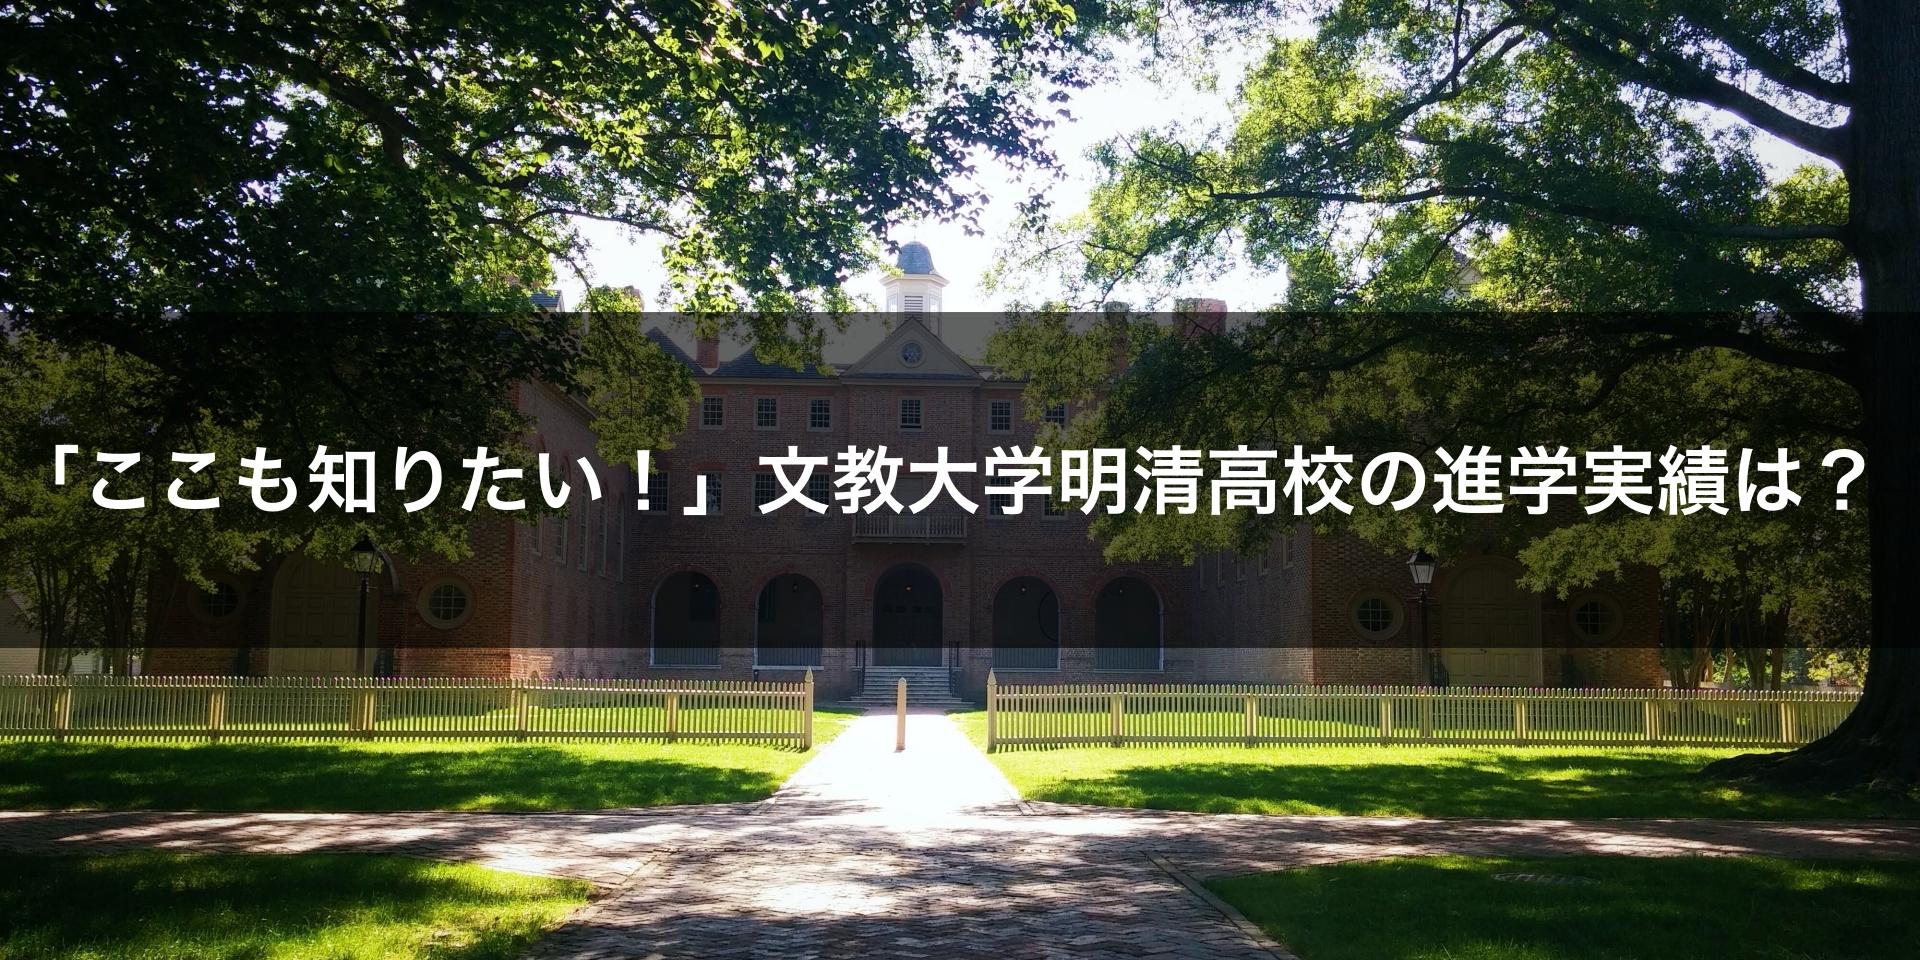 文教大明清高校の進学実績は?